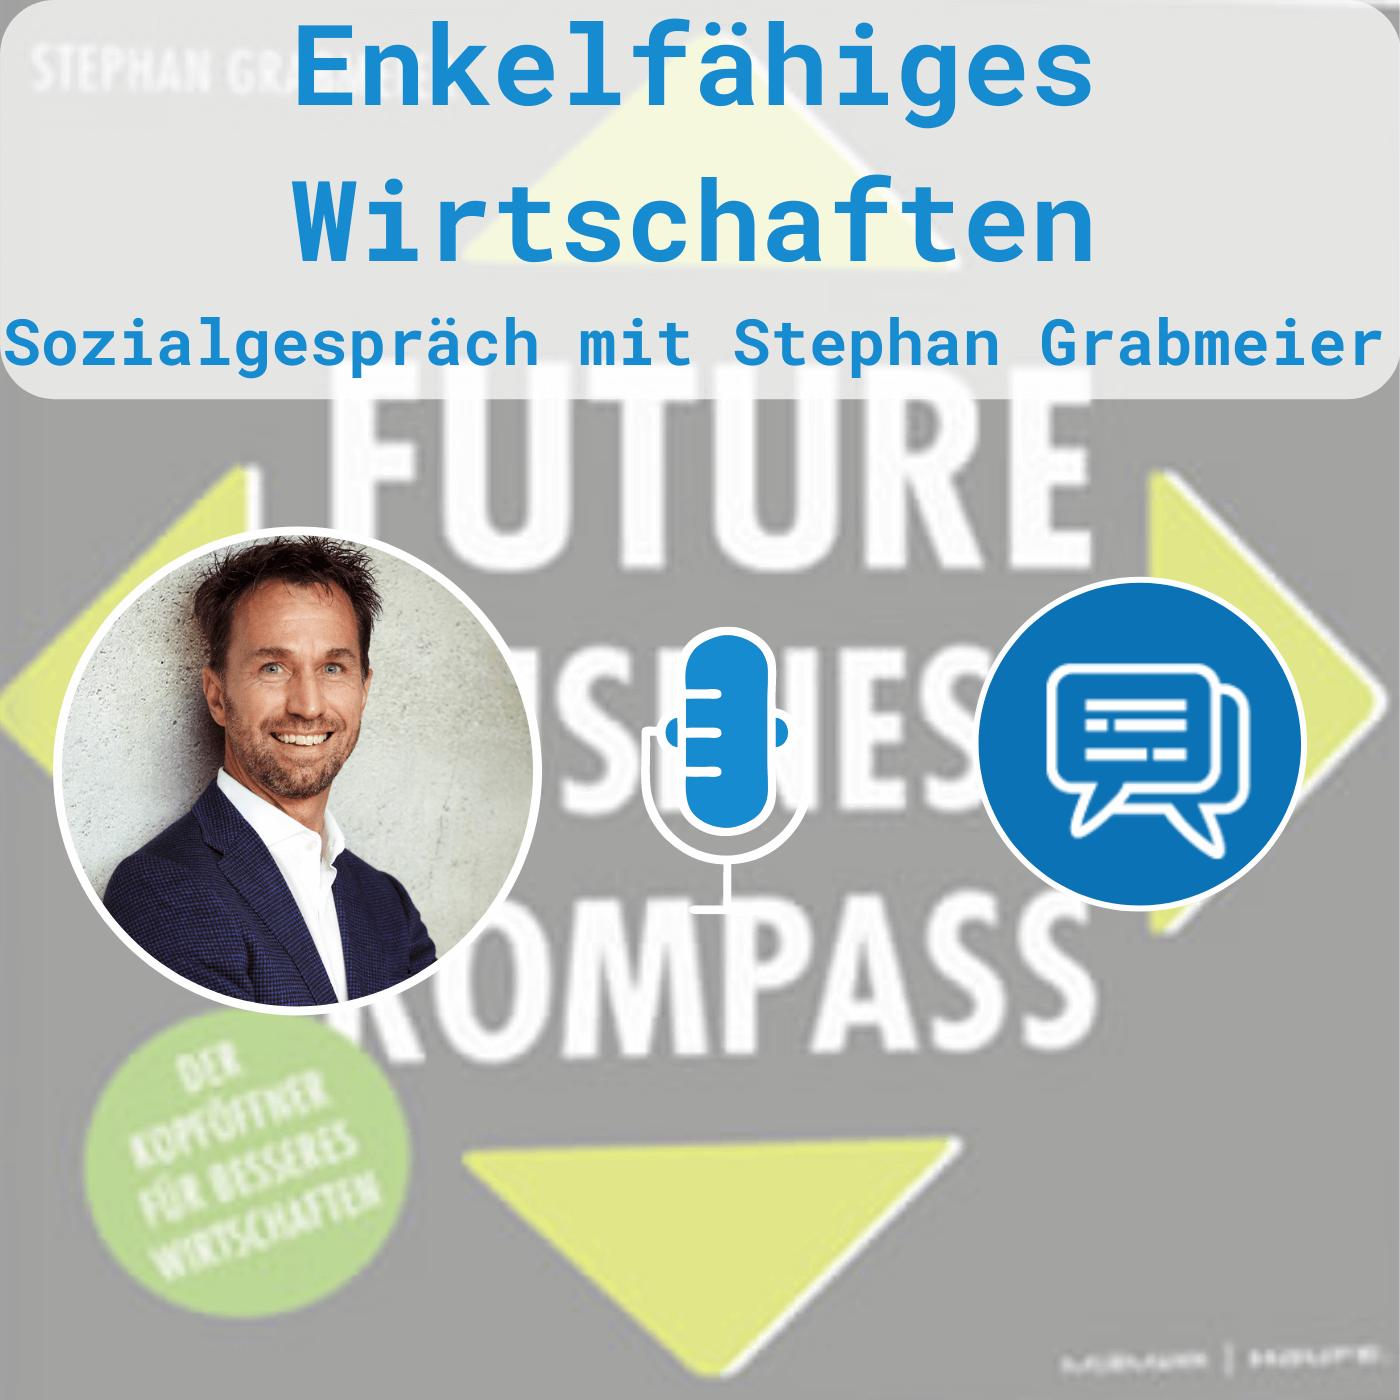 Enkelfähige Wirtschaft: Sozialgespräch mit Stephan Grabmeier